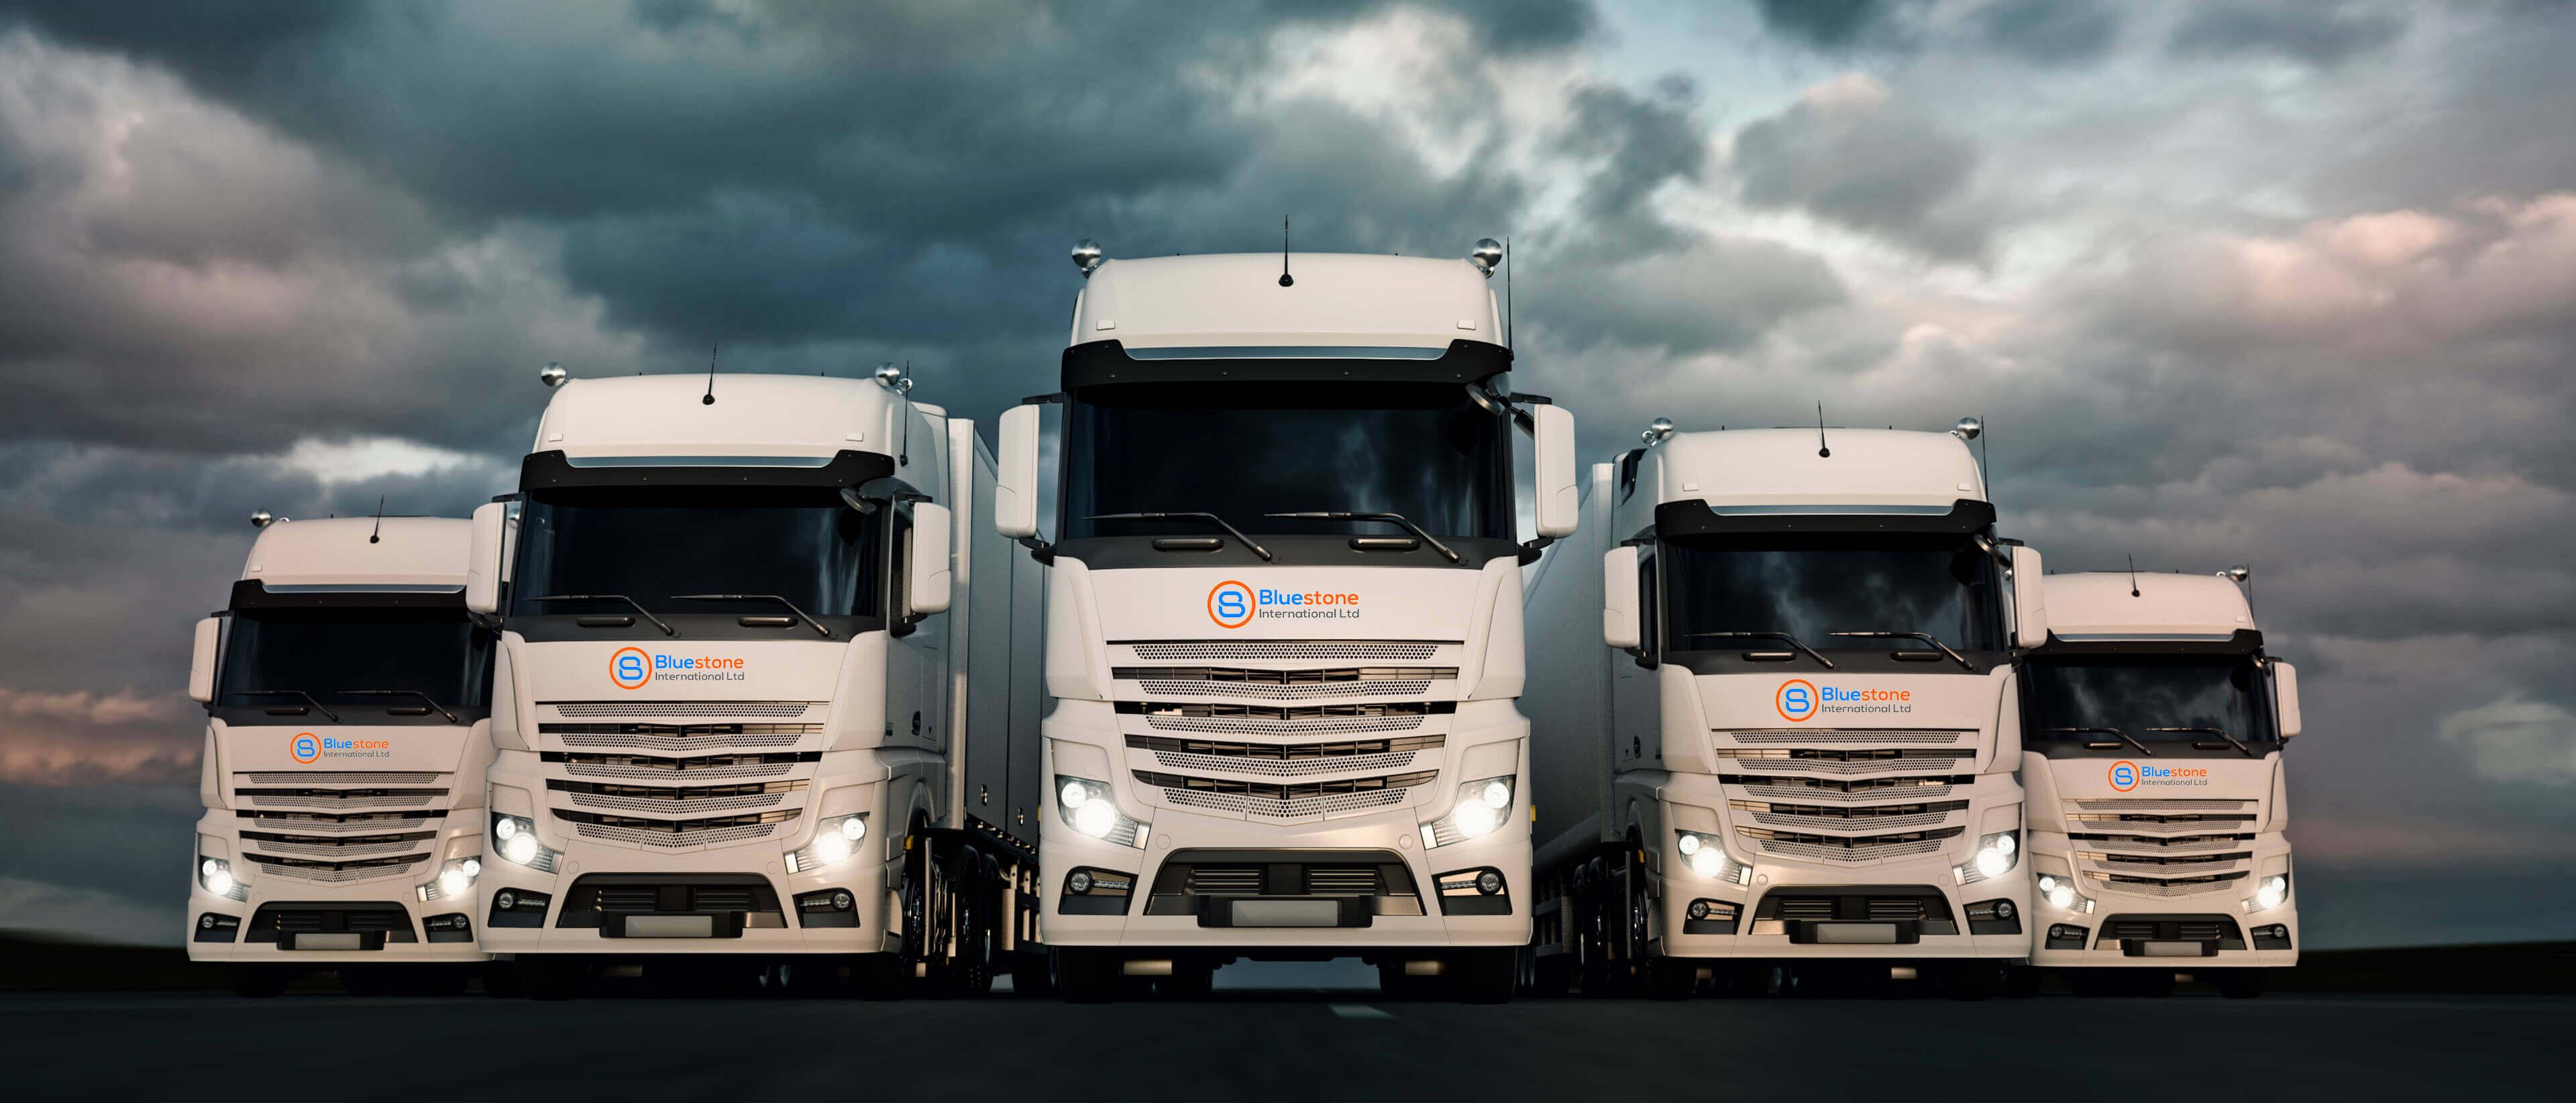 Dedicated UK Freight | UK road haulage services | Full loads UK